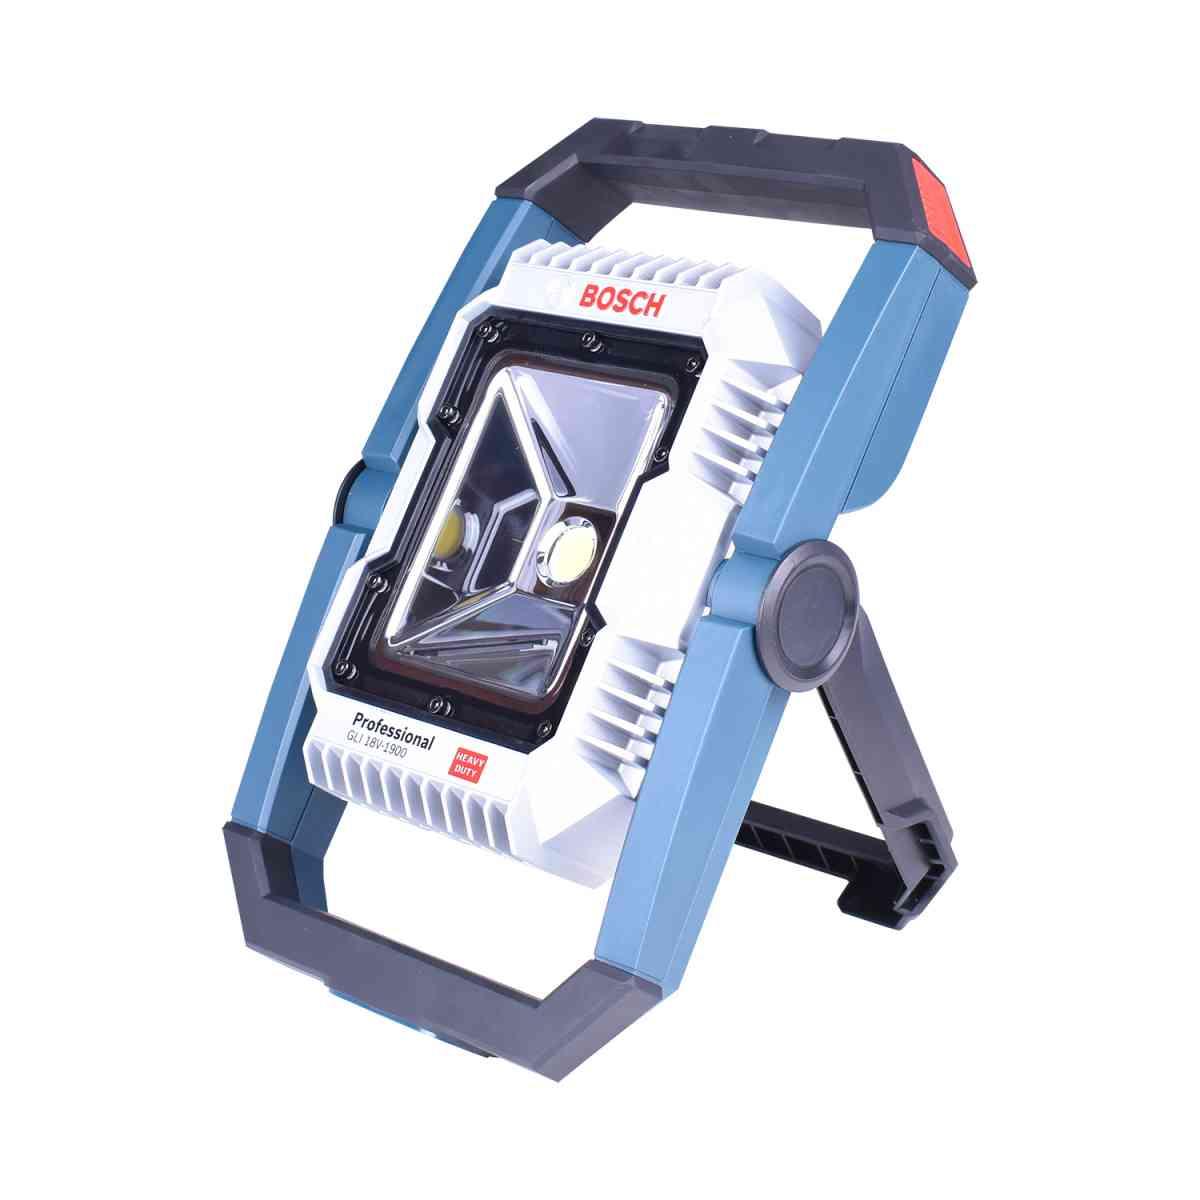 Serra Sabre Gsa18V-LI + Lanterna Gho18V-Li + Carregador de Bateria Com 2 Baterias 18V + Bolsa Para Ferramentas Bosch